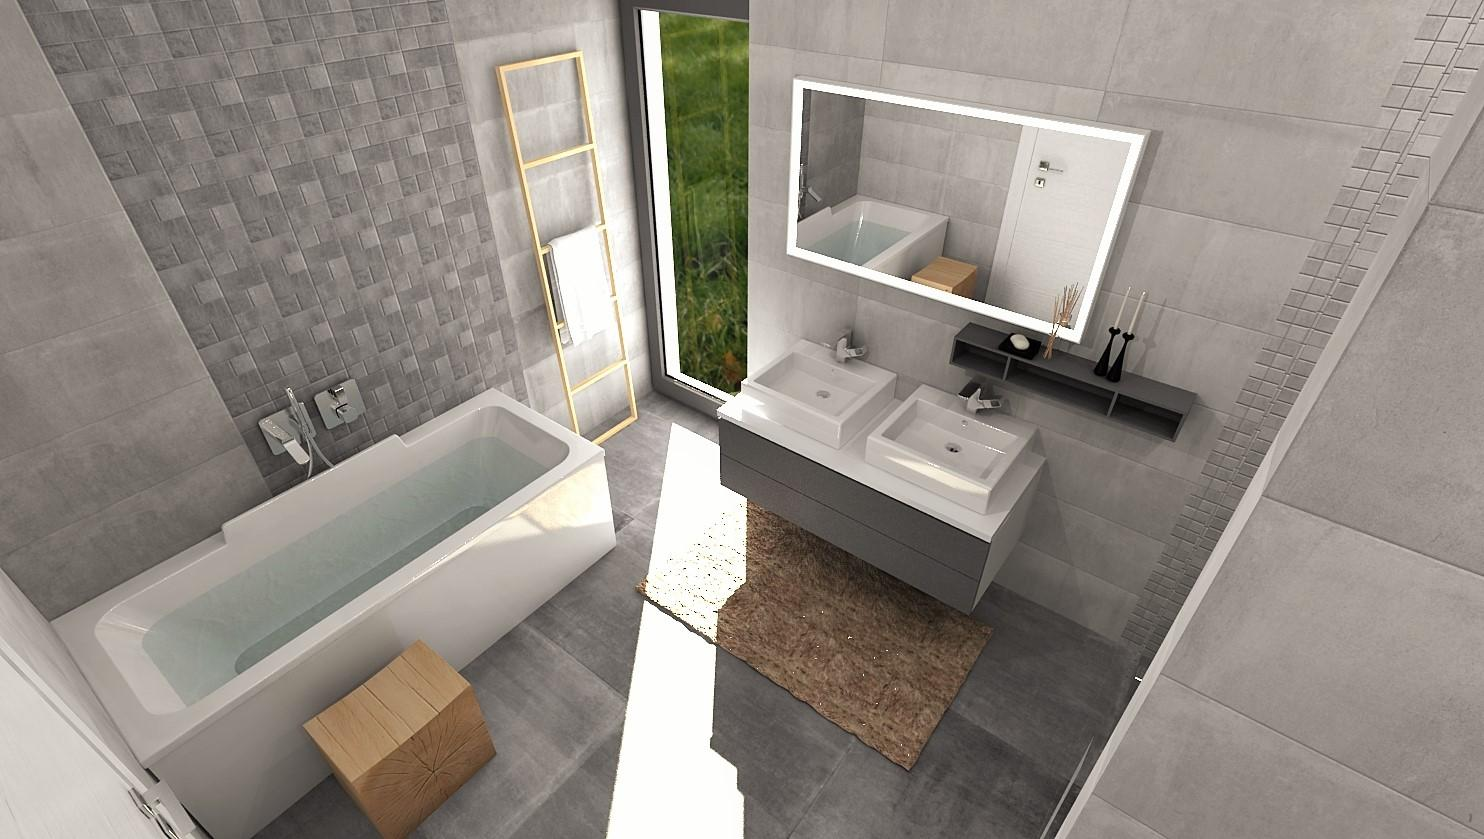 Návrhy a vizualizácie kúpeľní - Obrázok č. 75